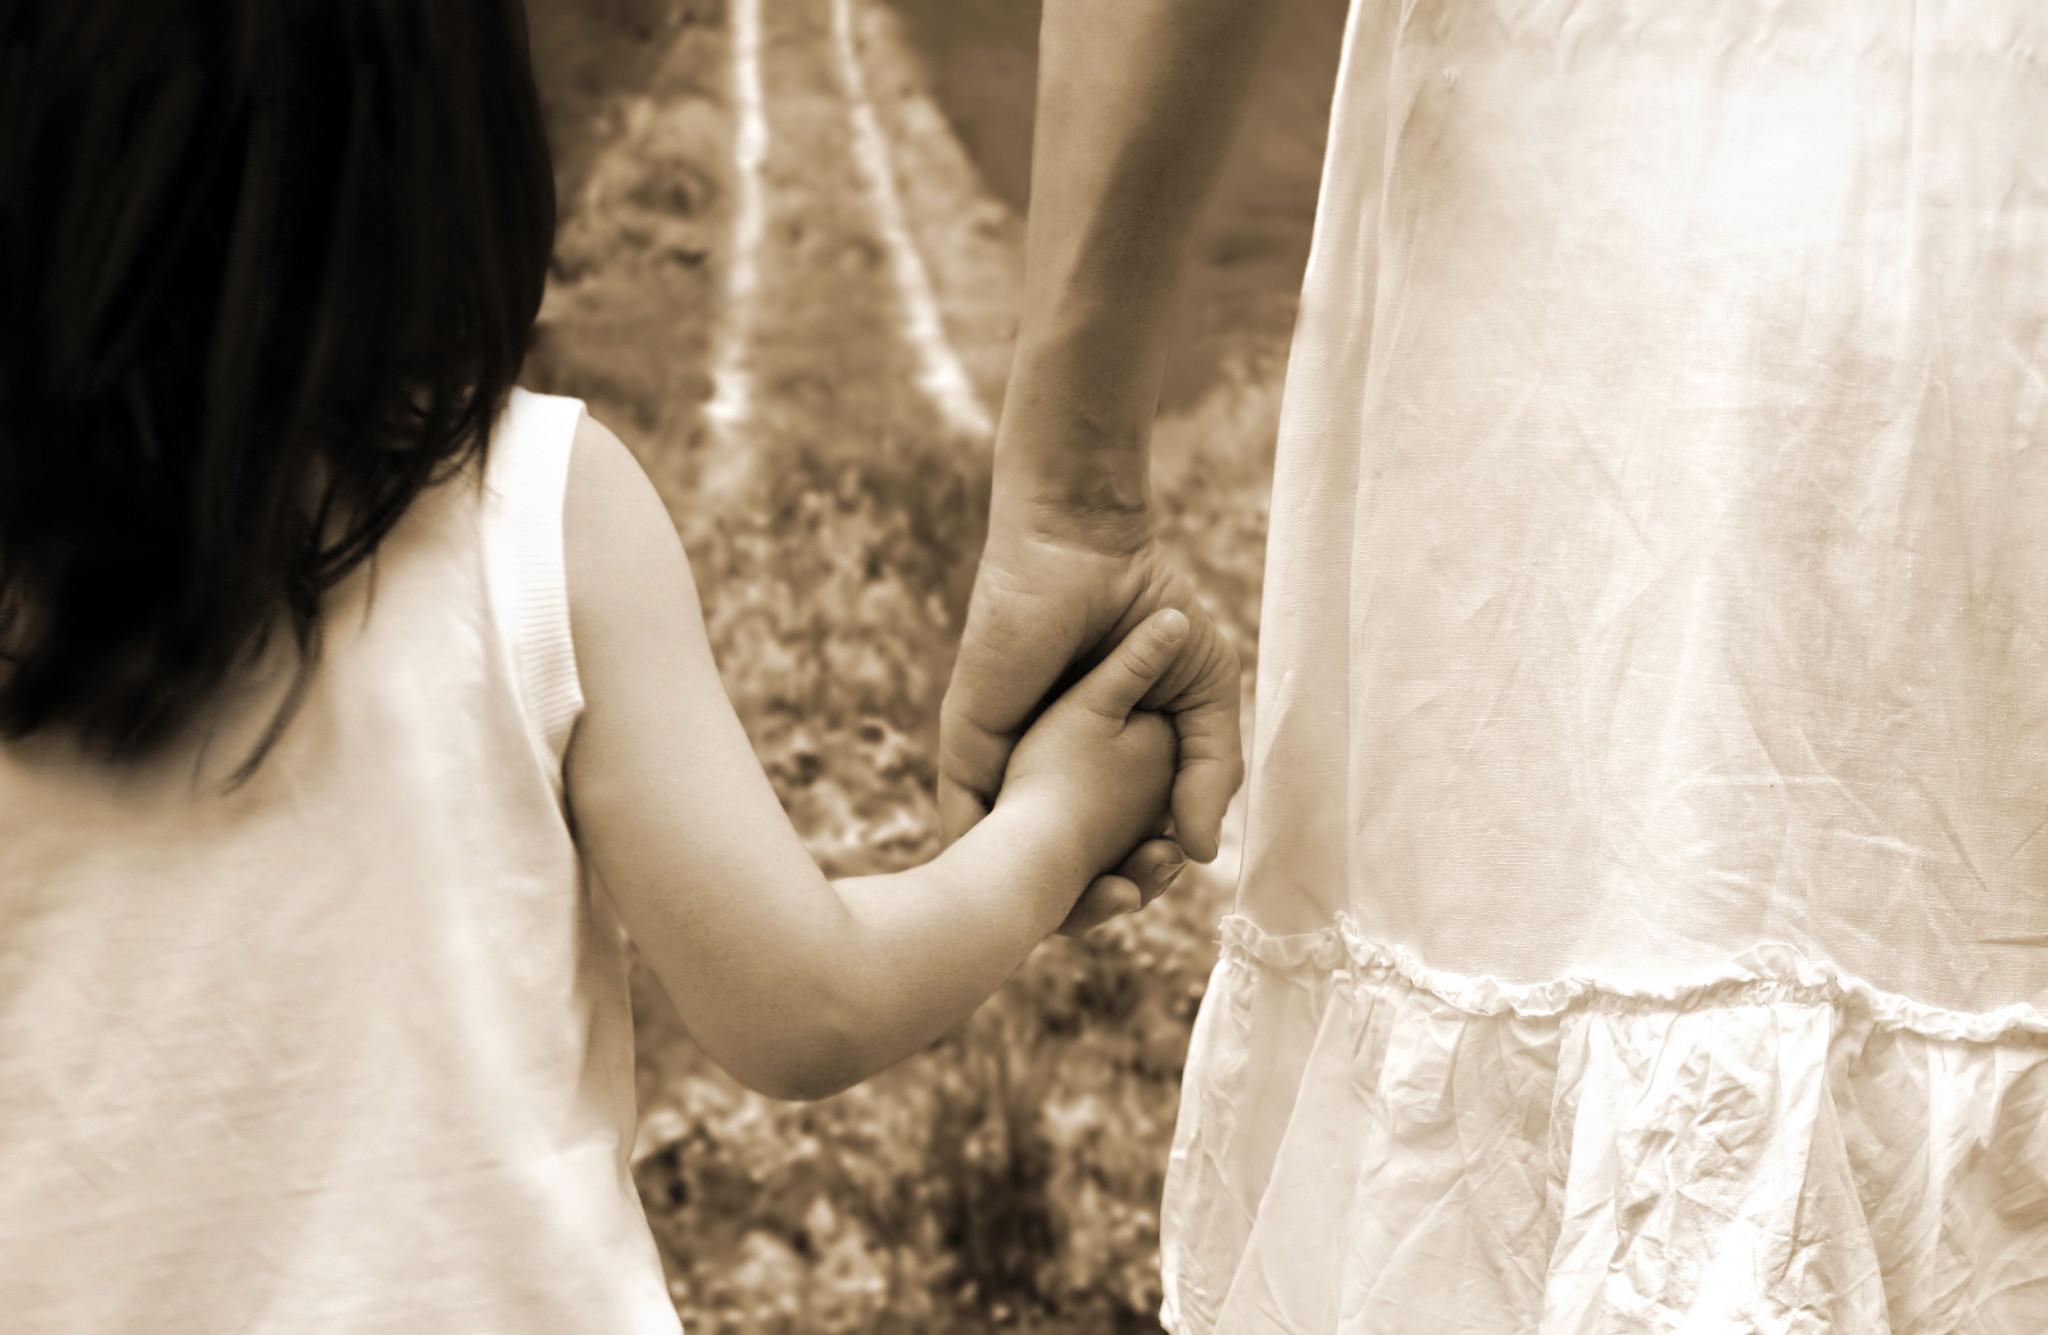 Фото мамы и дочки без лица, Мамы и дочки (19 фото) 13 фотография